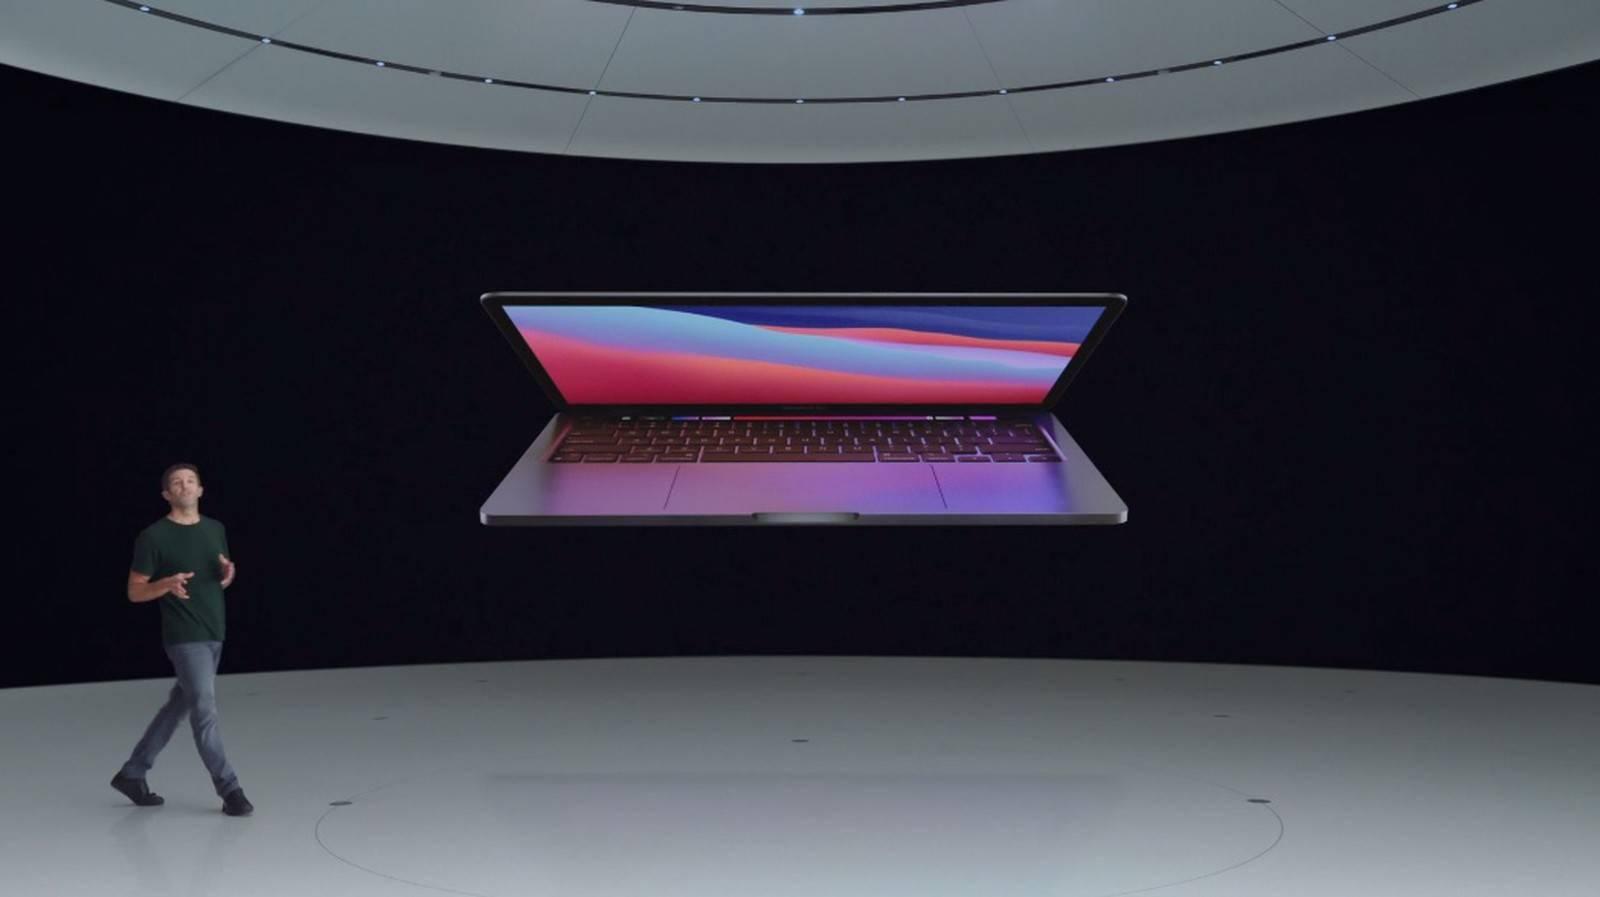 苹果下半年推出14/16英寸MBP 也可能采用XDR显示屏_mini-LED